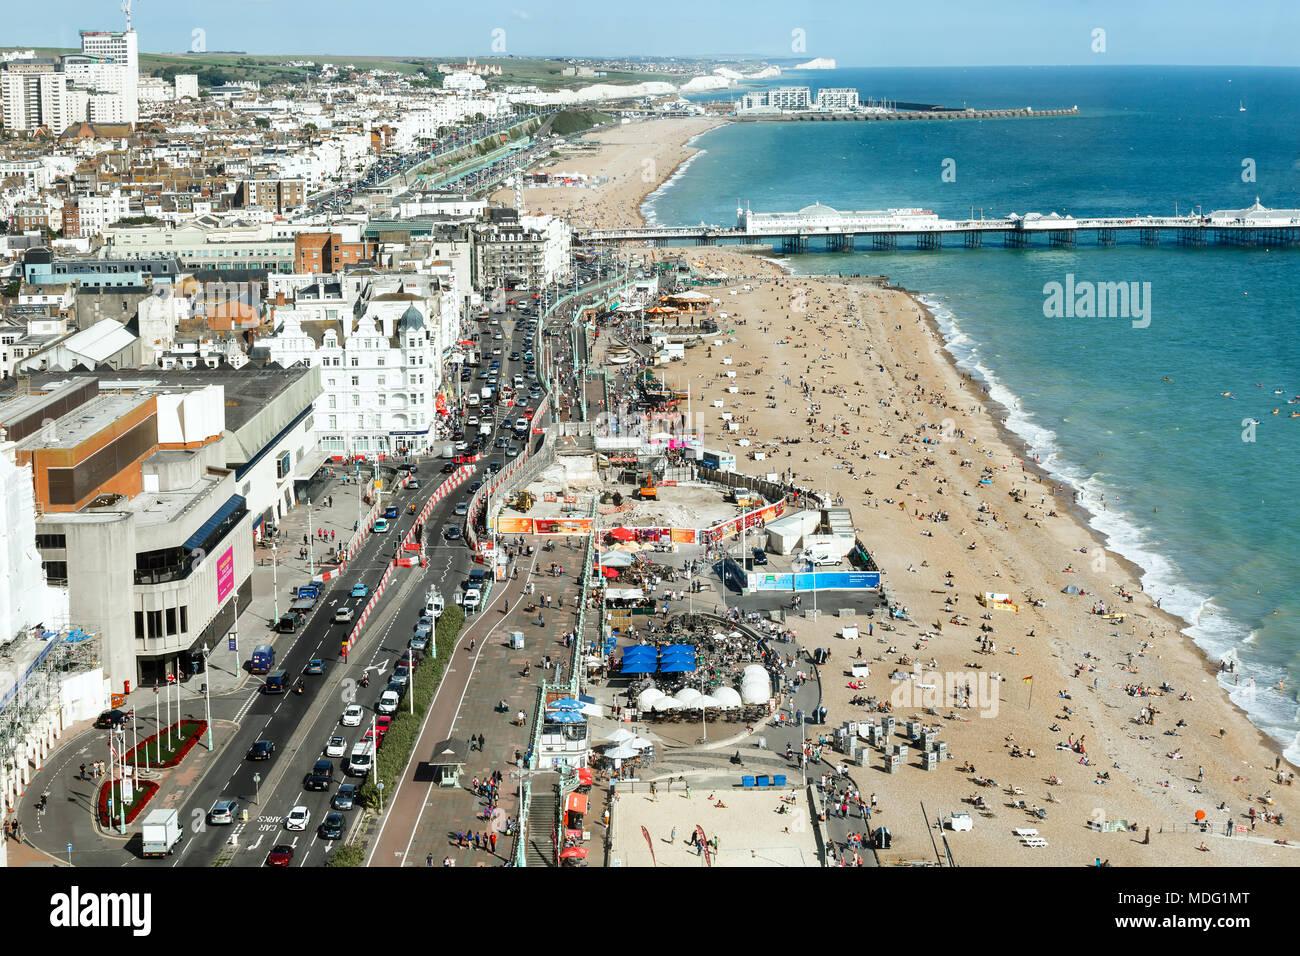 Vue aérienne de la côte ensoleillée de l'été, Brighton, sept Sœurs sur l'horizon Photo Stock